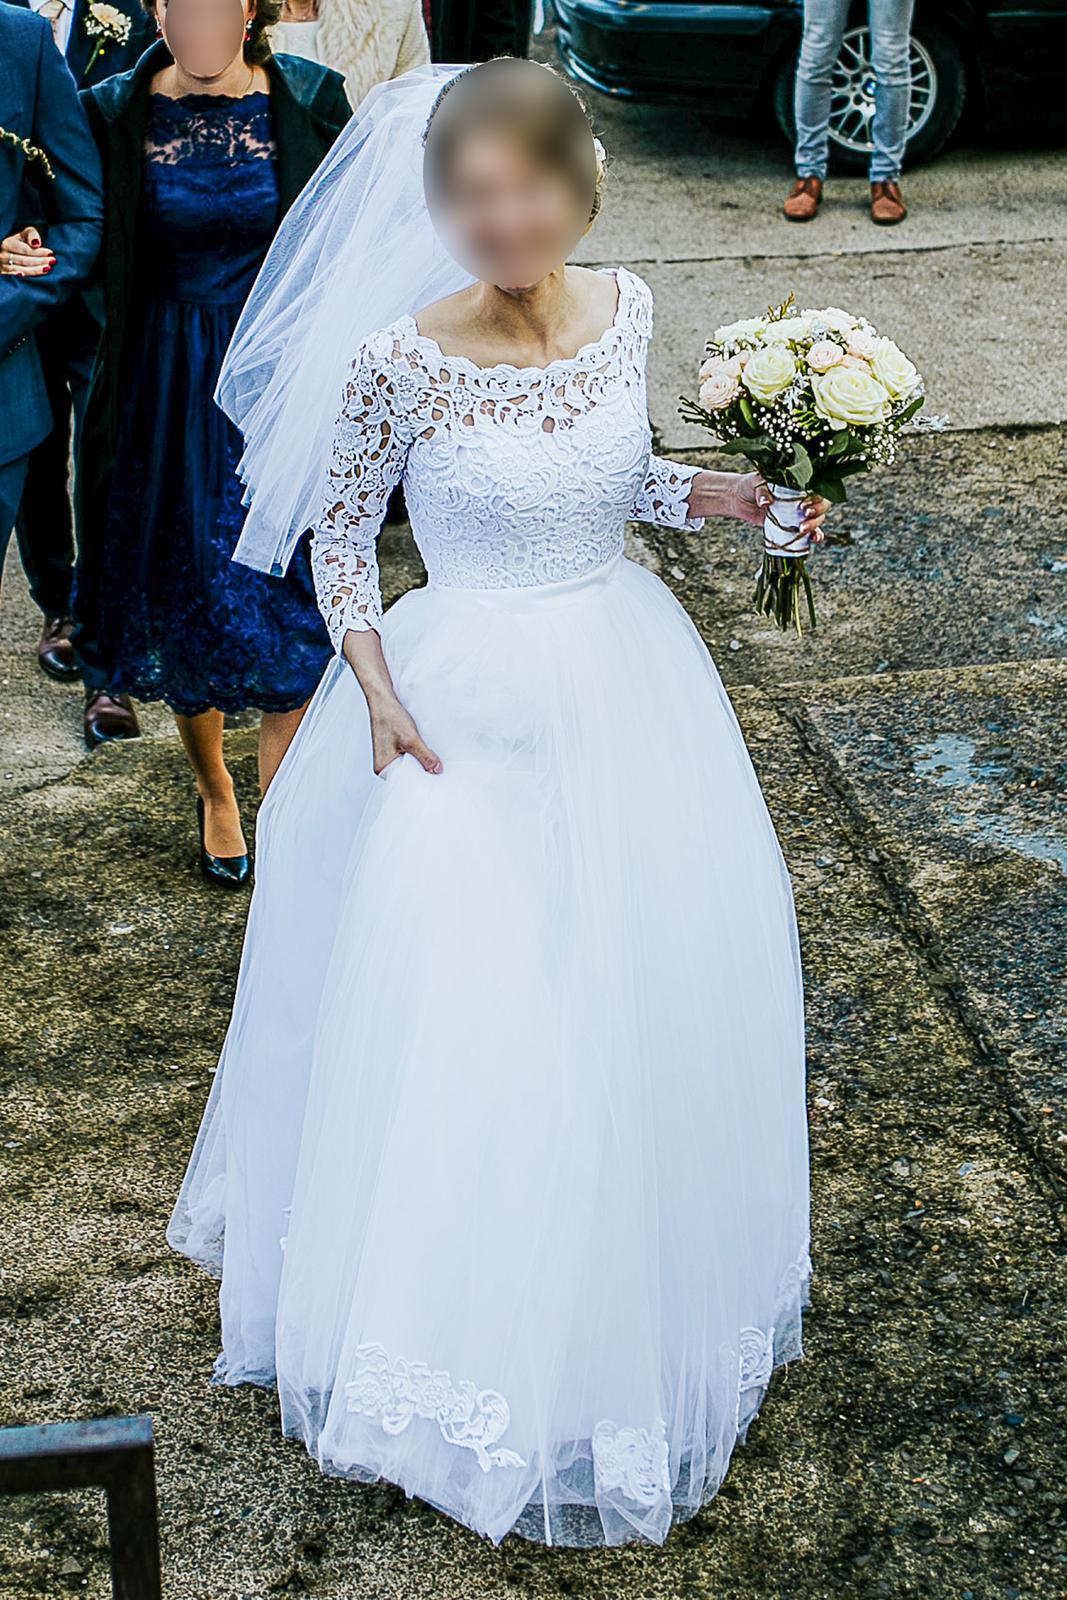 Prekrásne svadobné šaty - Obrázok č. 1